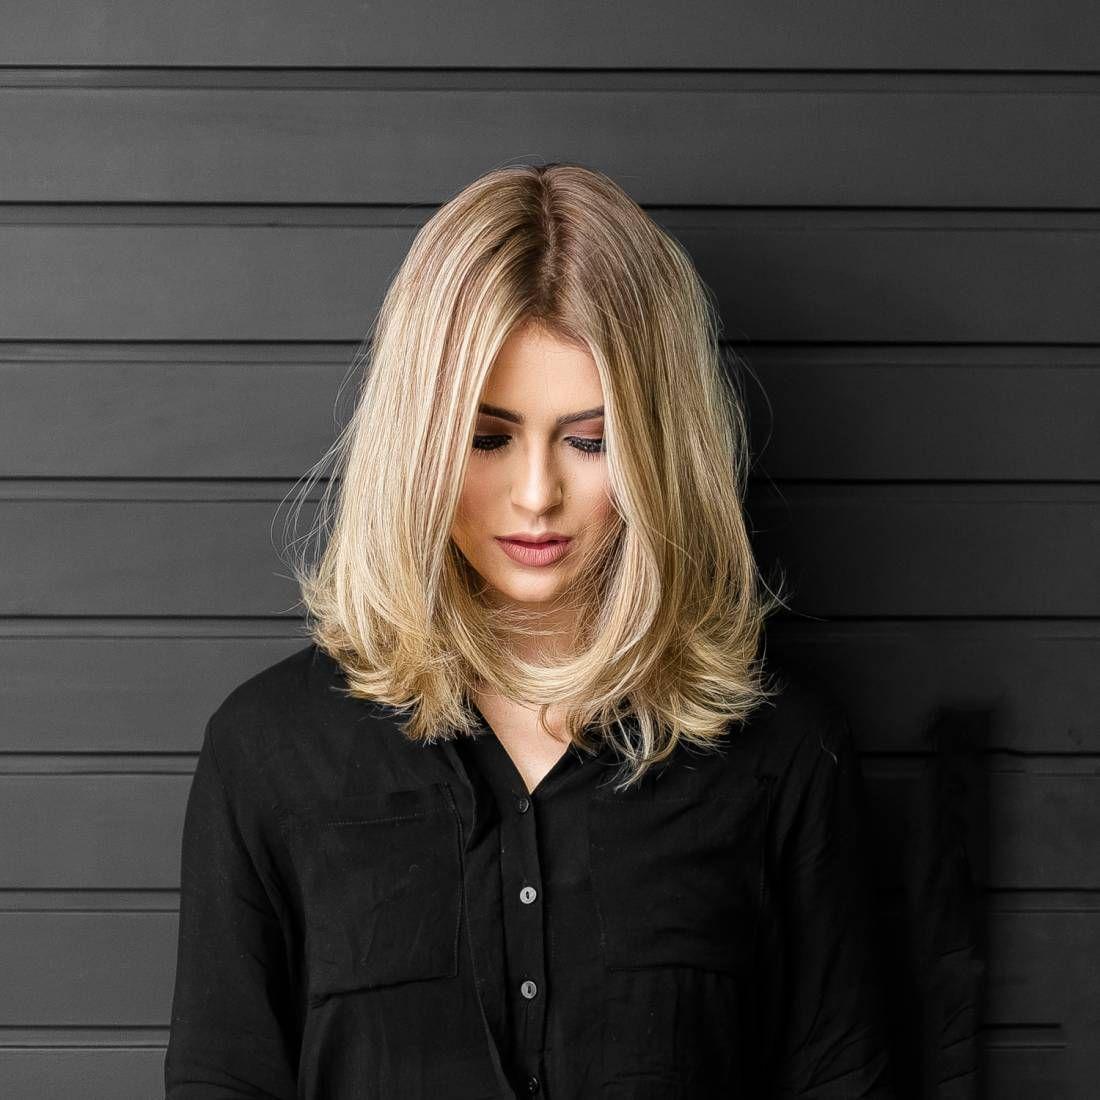 Вашу проблему помогут решить правильно подобранные модные стрижки на средние волосы – новинки, увеличивающие объем, придают женственность и чувственность, легкость и элегантность: каскад (двойной, градуированный, рваный) средняя длина волос прекрасно смотрится на женщинах разного возраста.